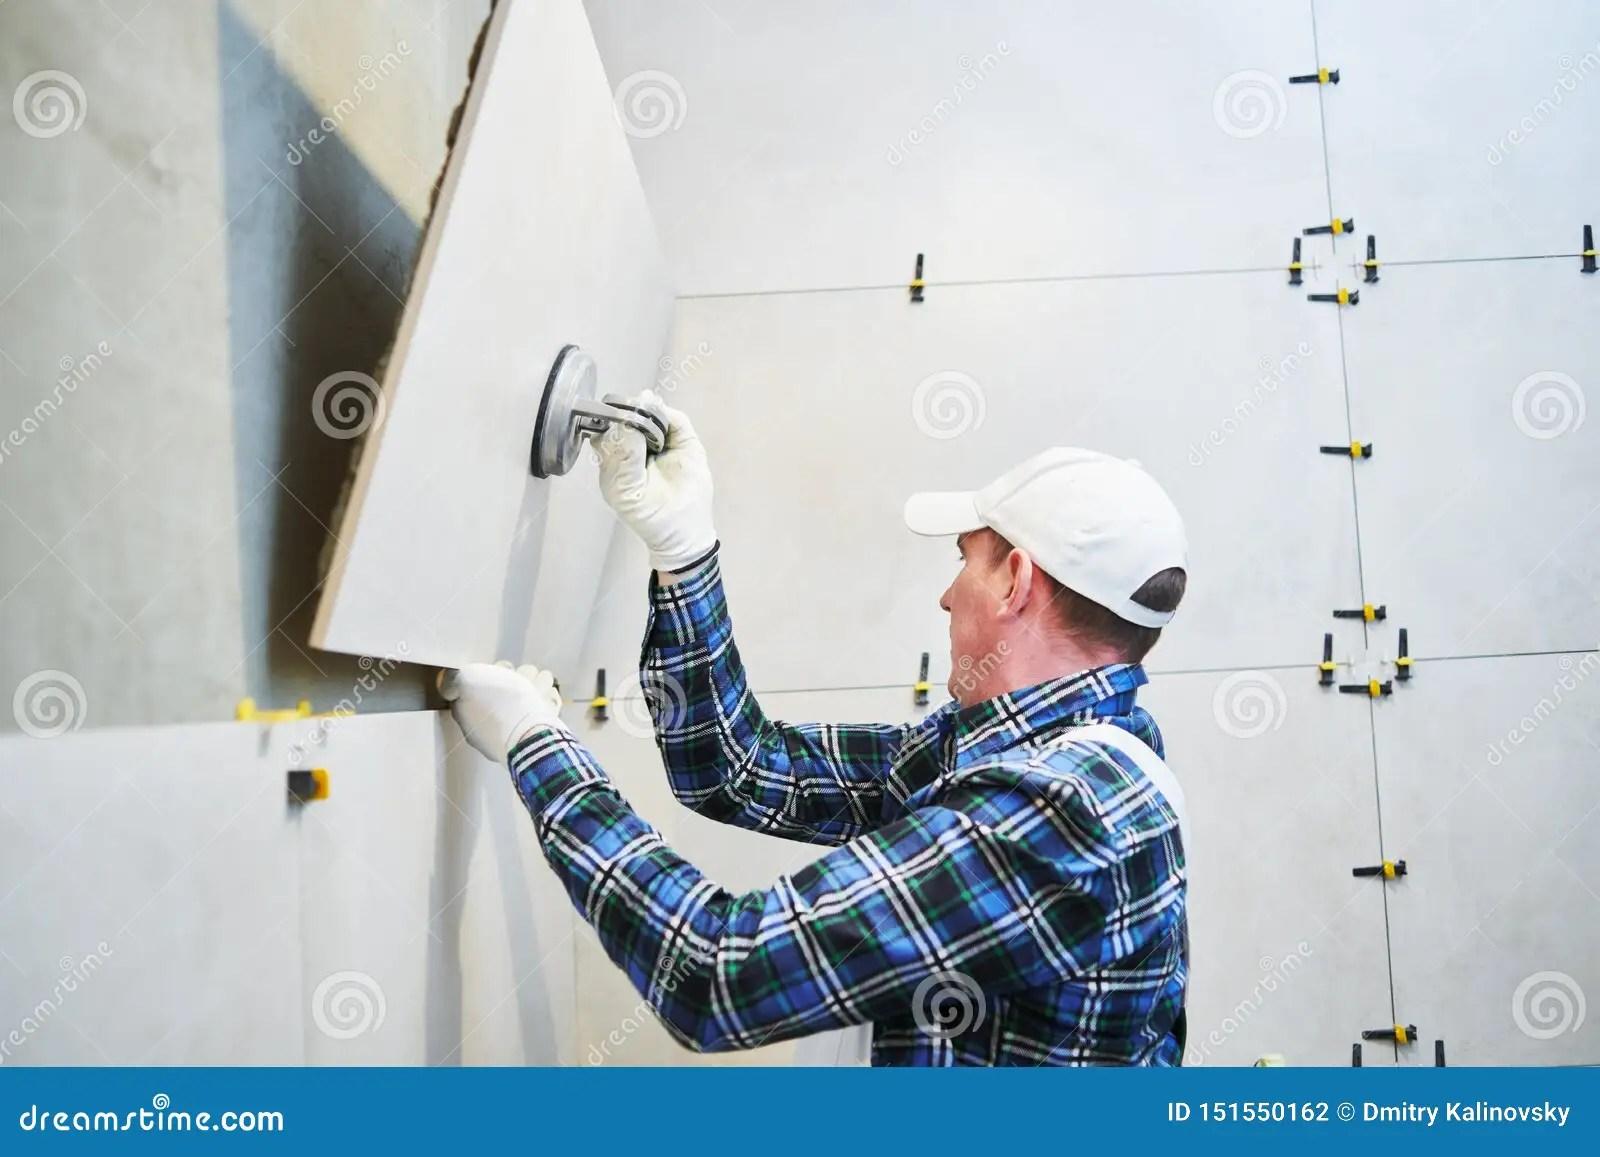 https www dreamstime com tiler installing large format tile wall home indoors renovation size ceramic image151550162